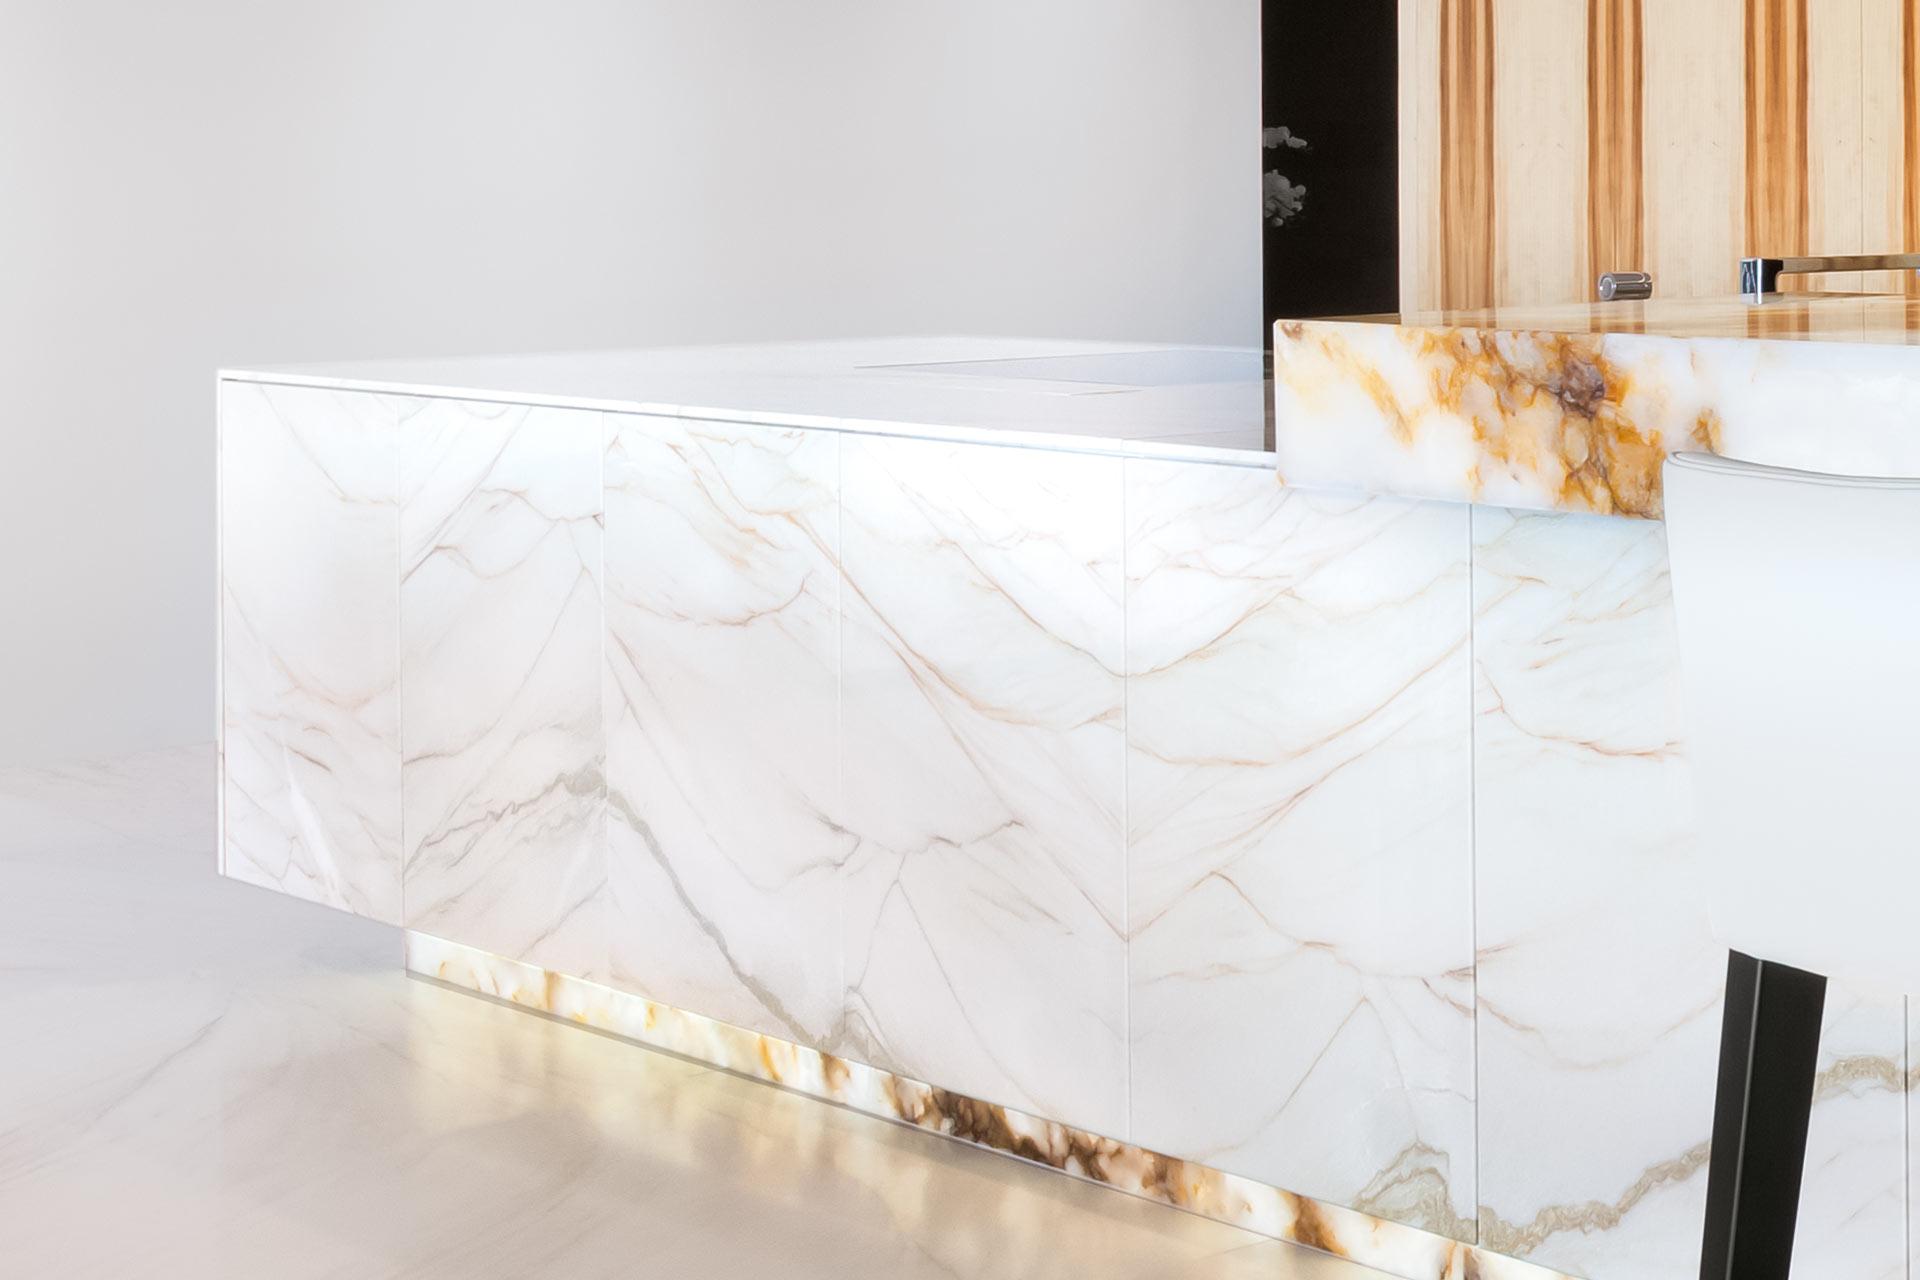 Kücheninsel und Fußboden in weißem Marmor